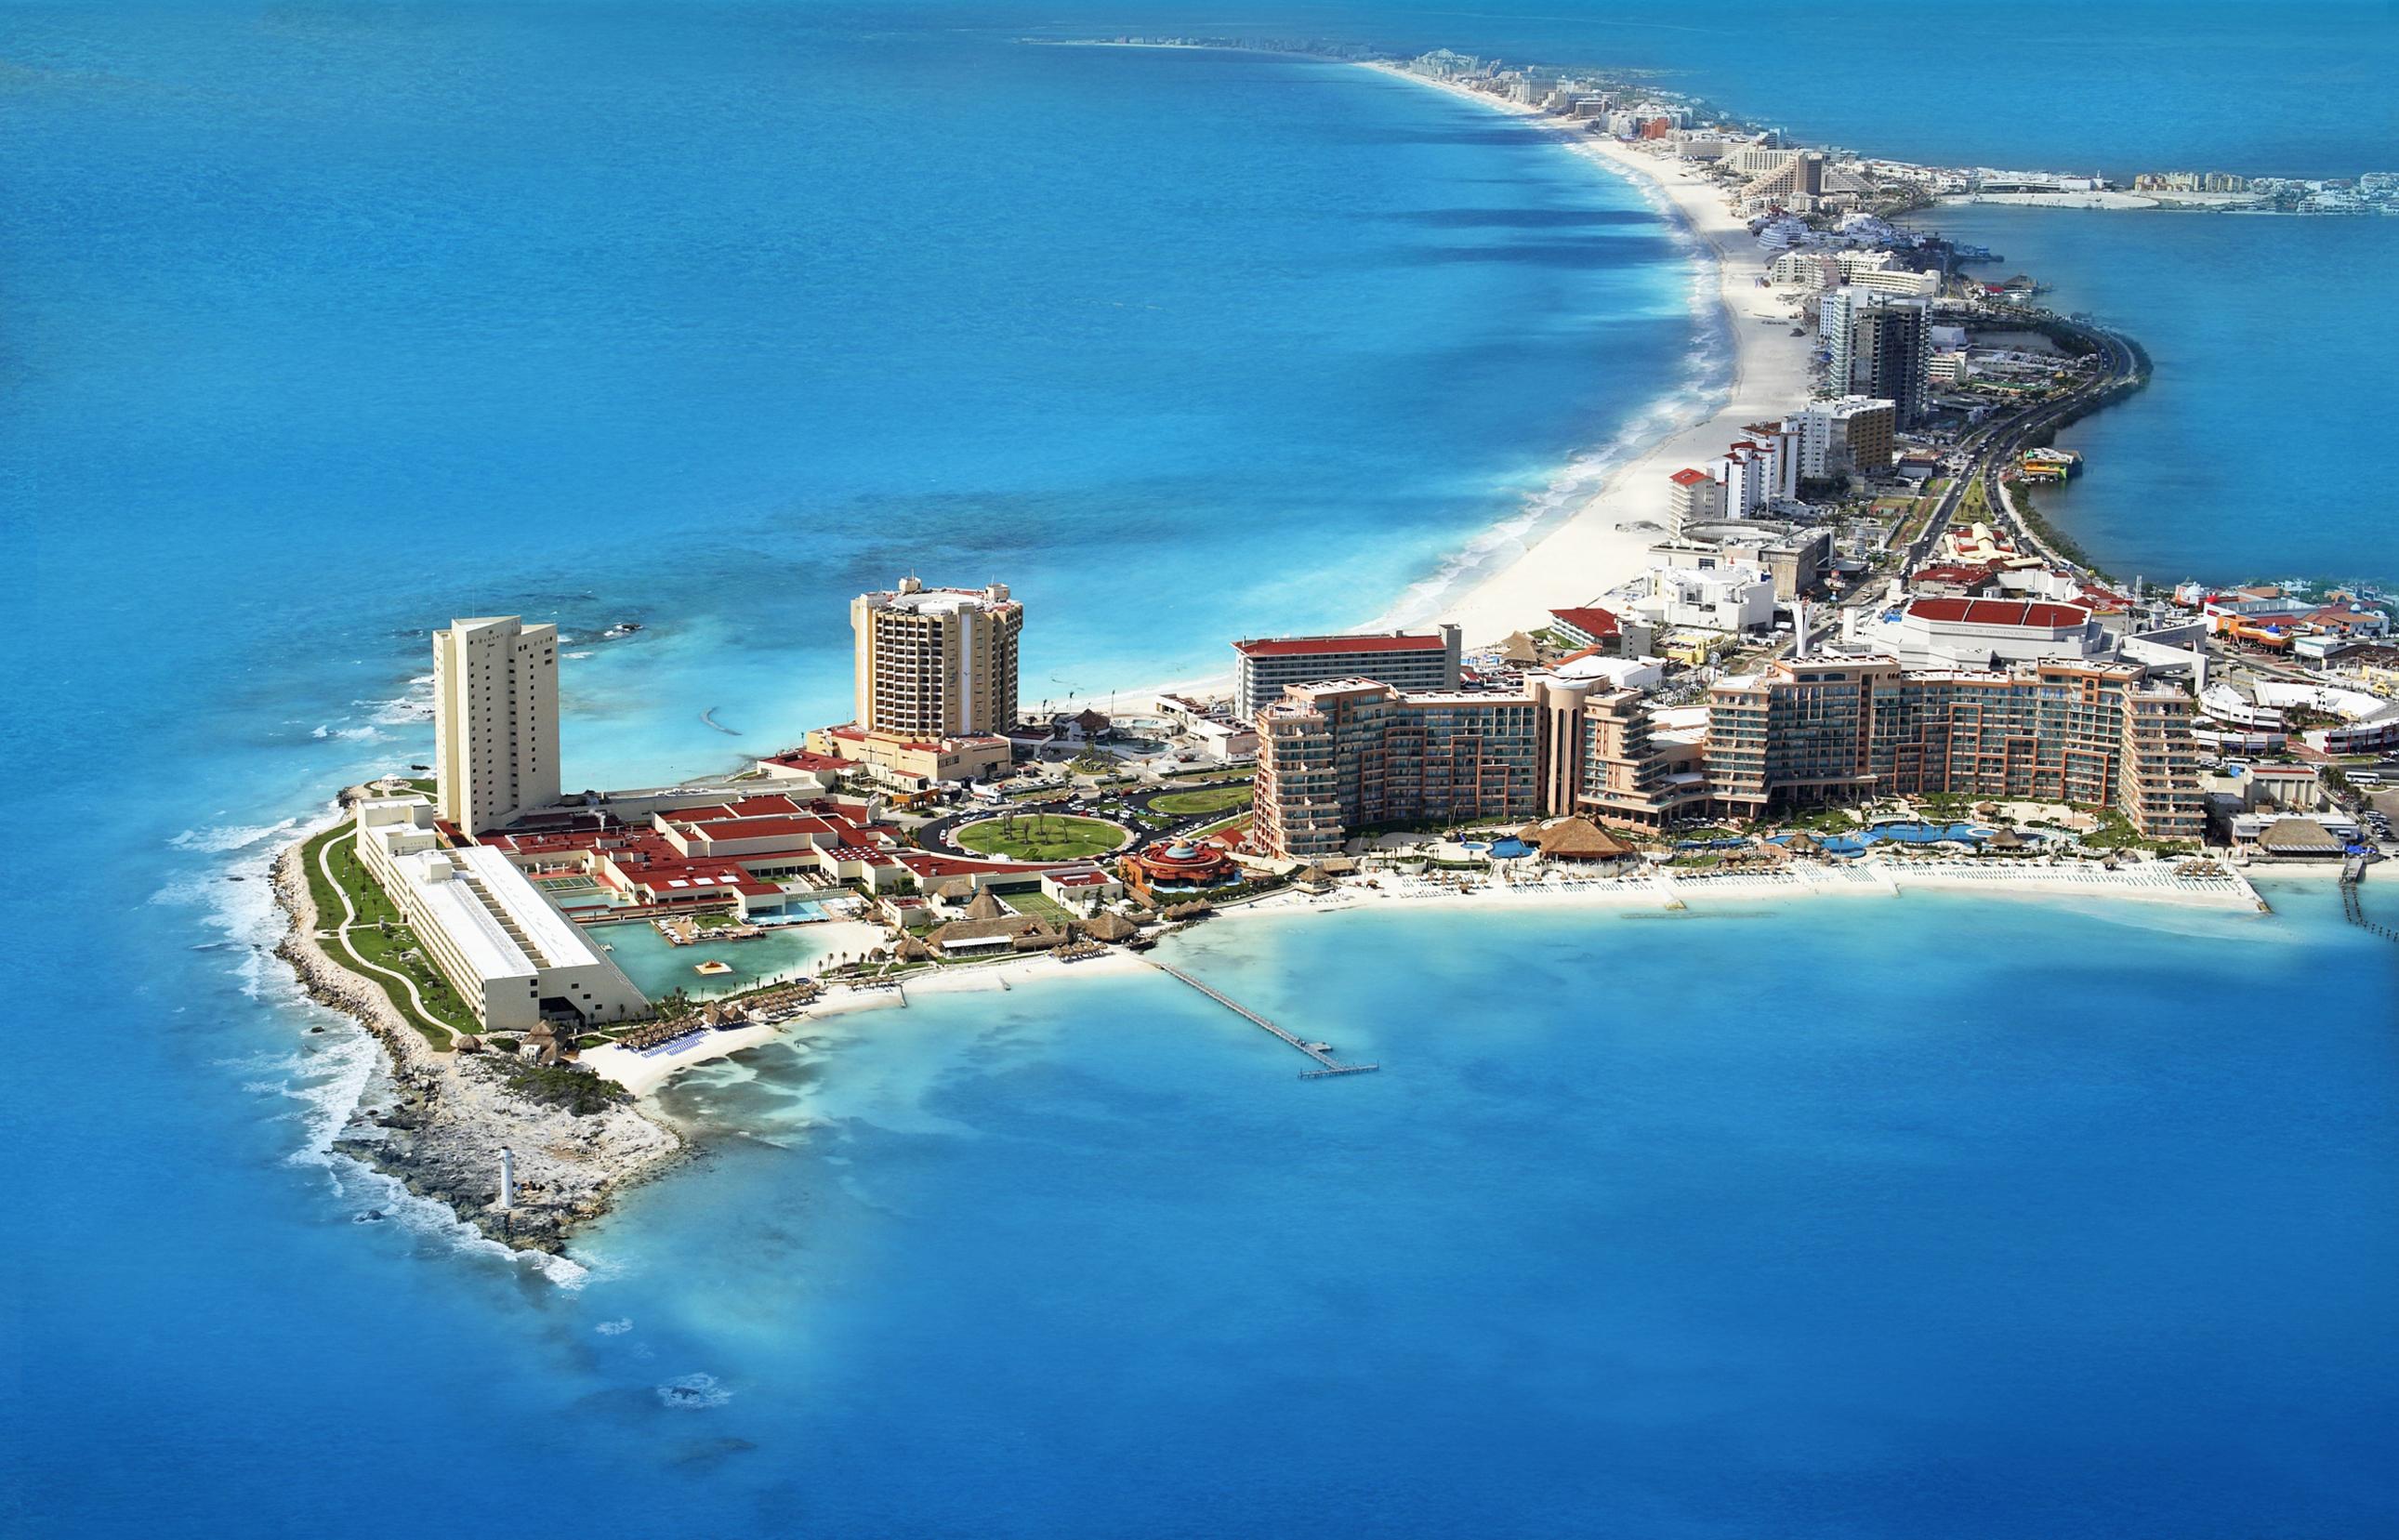 Riviera Maya Tourism